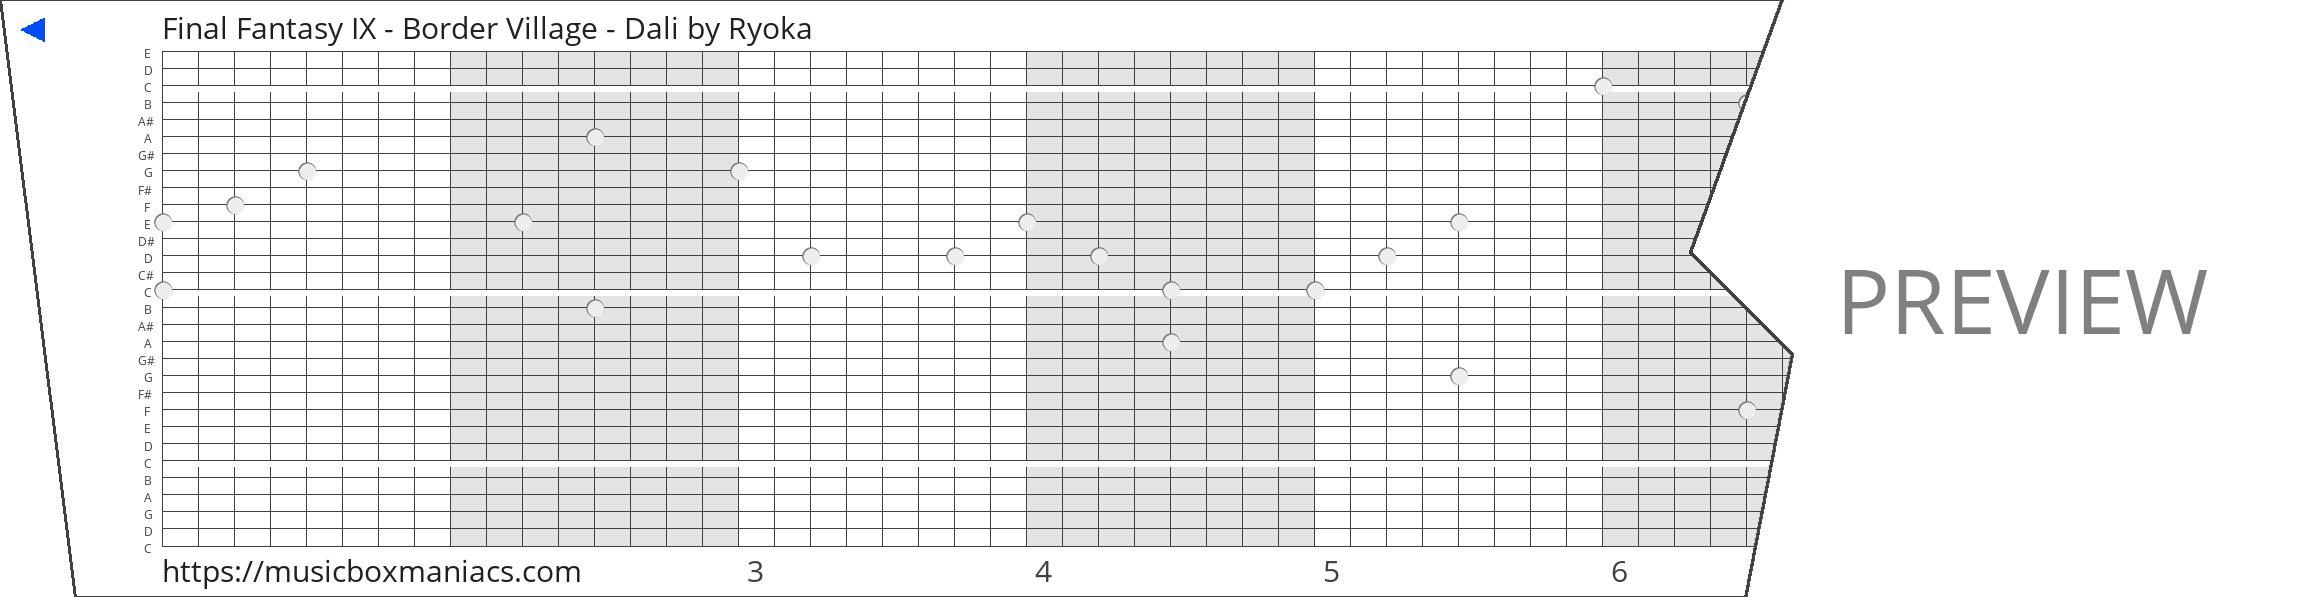 Final Fantasy IX - Border Village - Dali 30 note music box paper strip